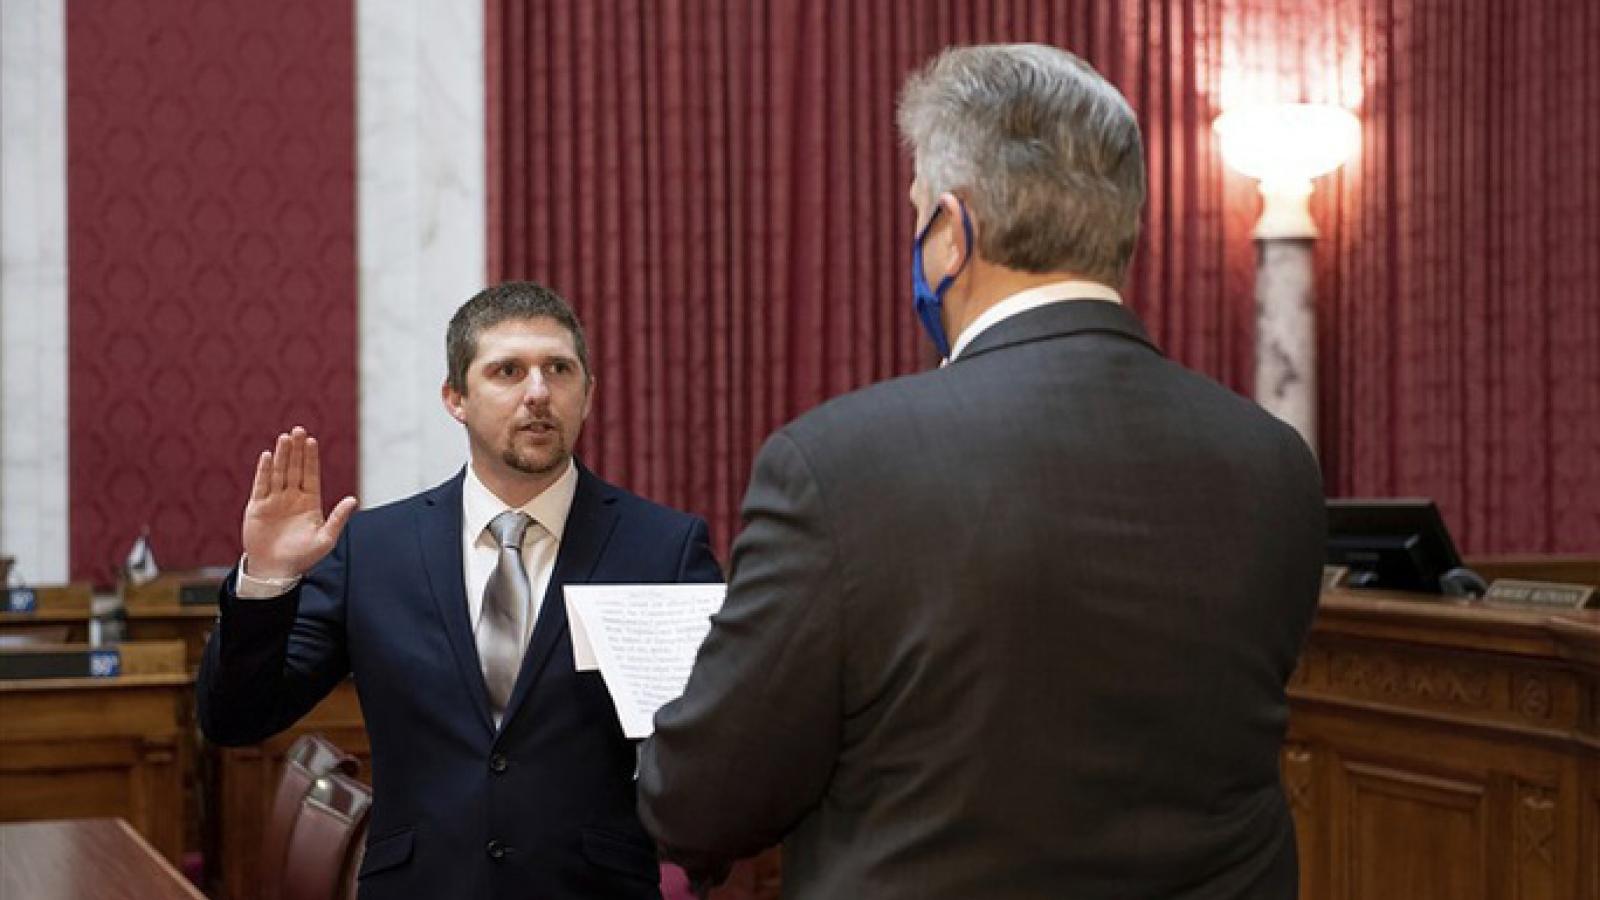 Một Hạ nghị sỹ bang mới được bầu từ chức vì tham gia vào vụ bạo động tại tòa nhà Quốc hội